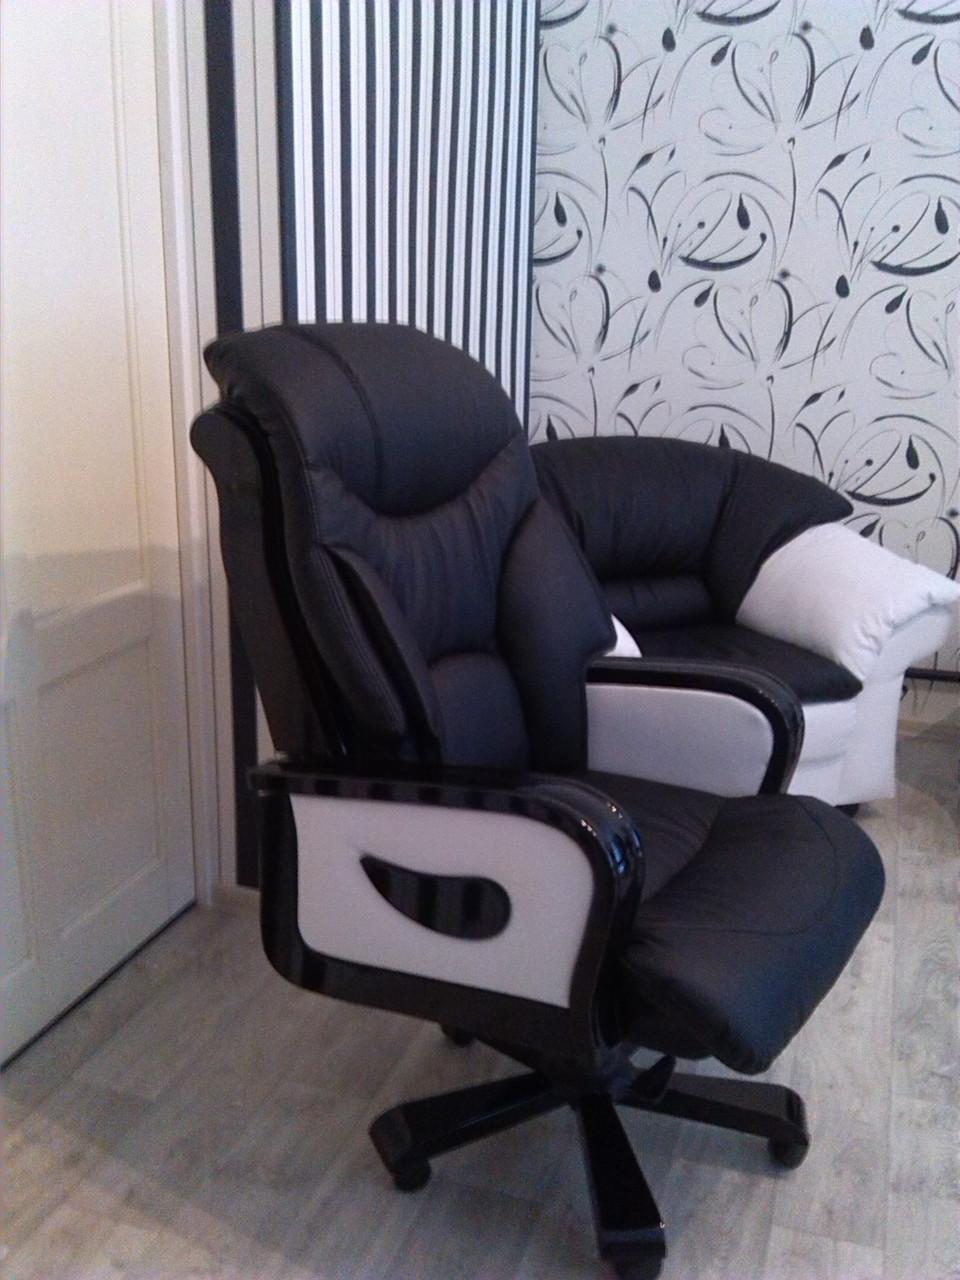 Мягкая часть для офисных кресел. Перетяжка офисных кресел Днепр. Офисное кресло.